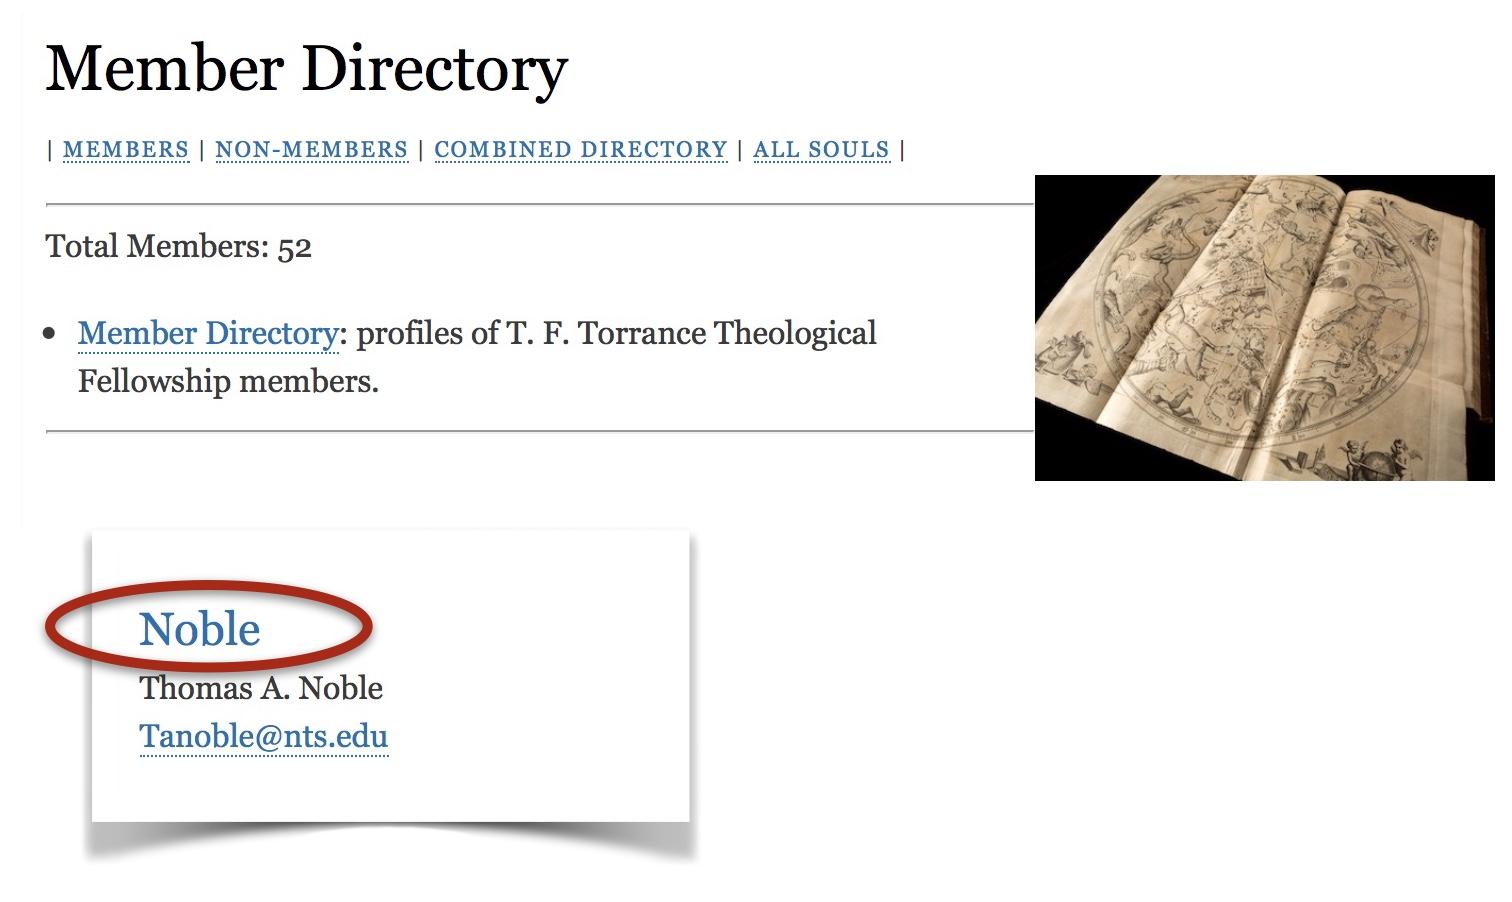 Member Directory sample